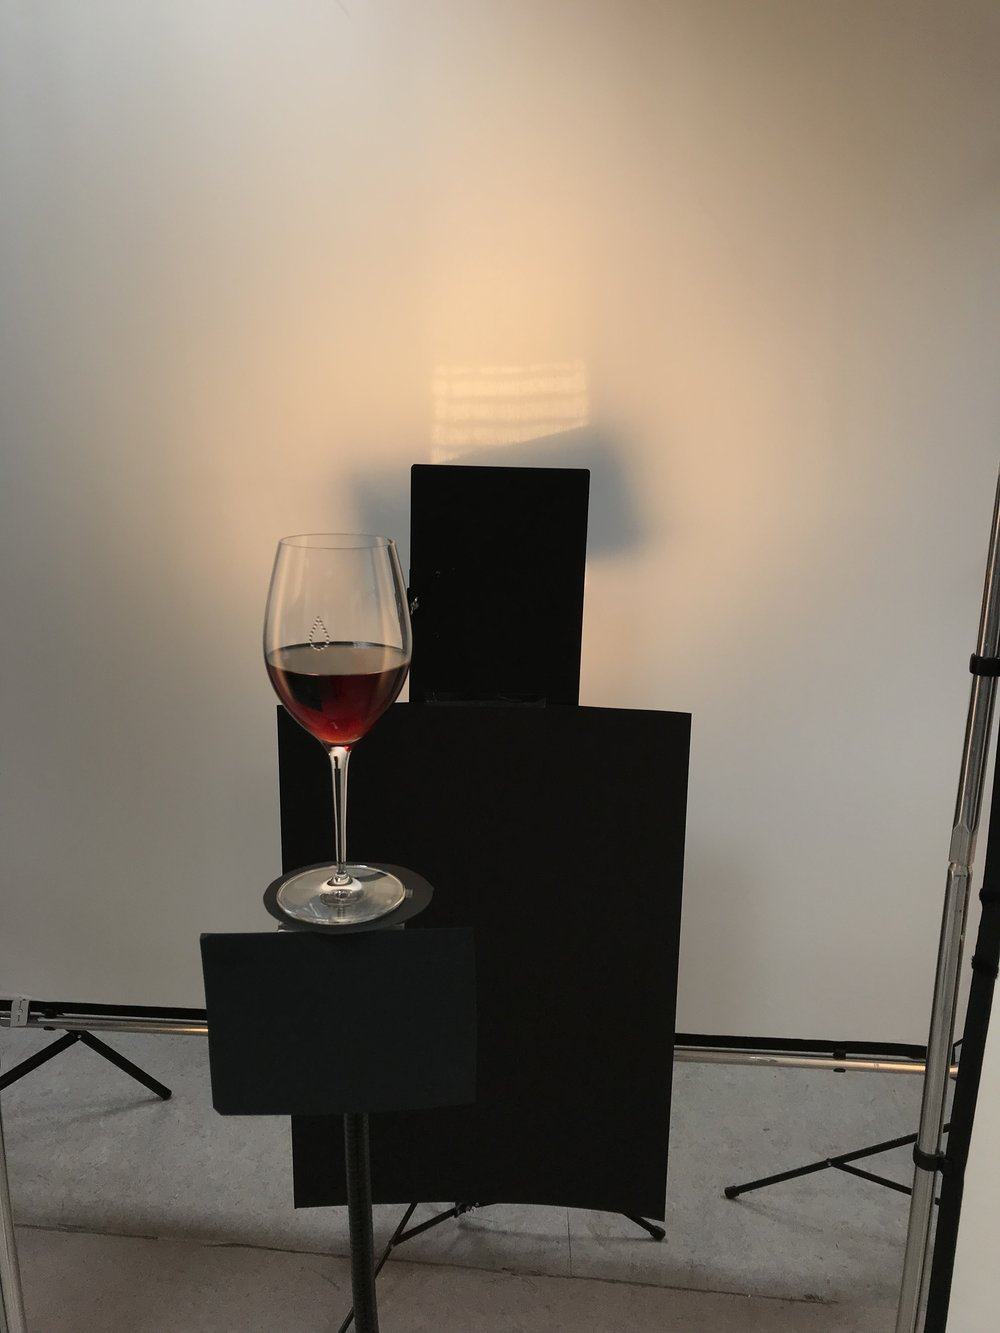 Luces y sombras para definir los bordes del cristal e iluminar el vino a contraluz.